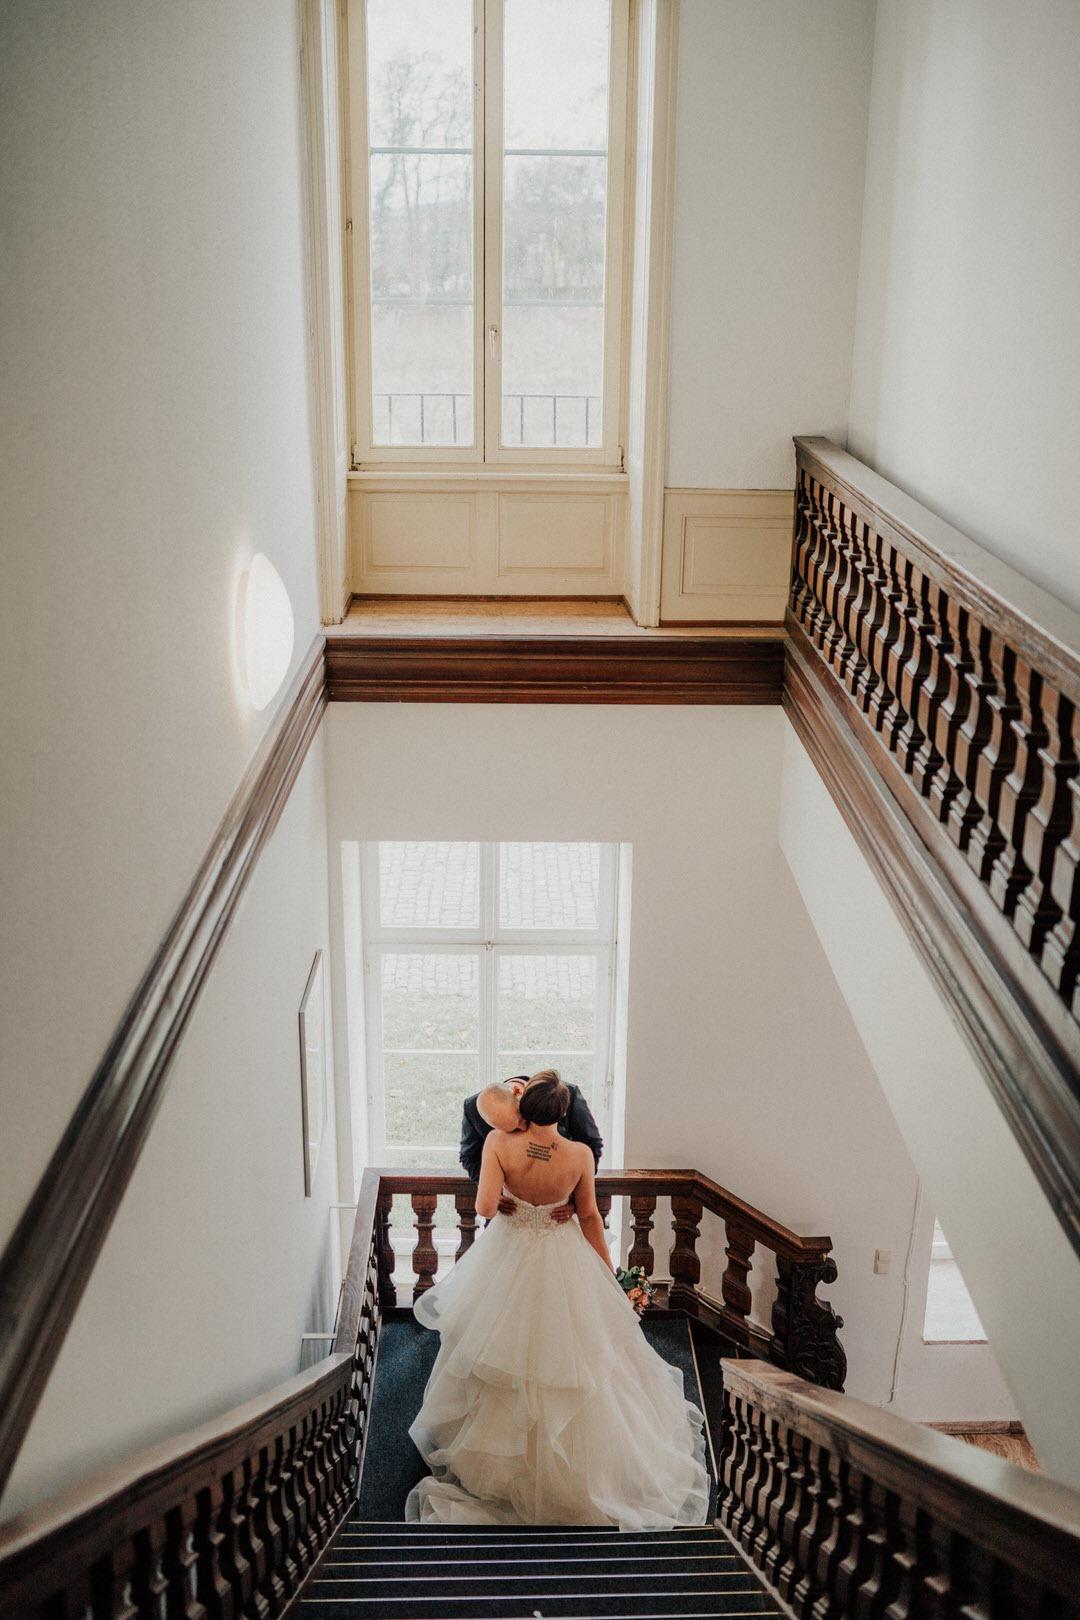 Die Villa Clementine, standesamtliche Hochzeits-Location für Winterhochzeiten in Wiesbaden, Hessen.